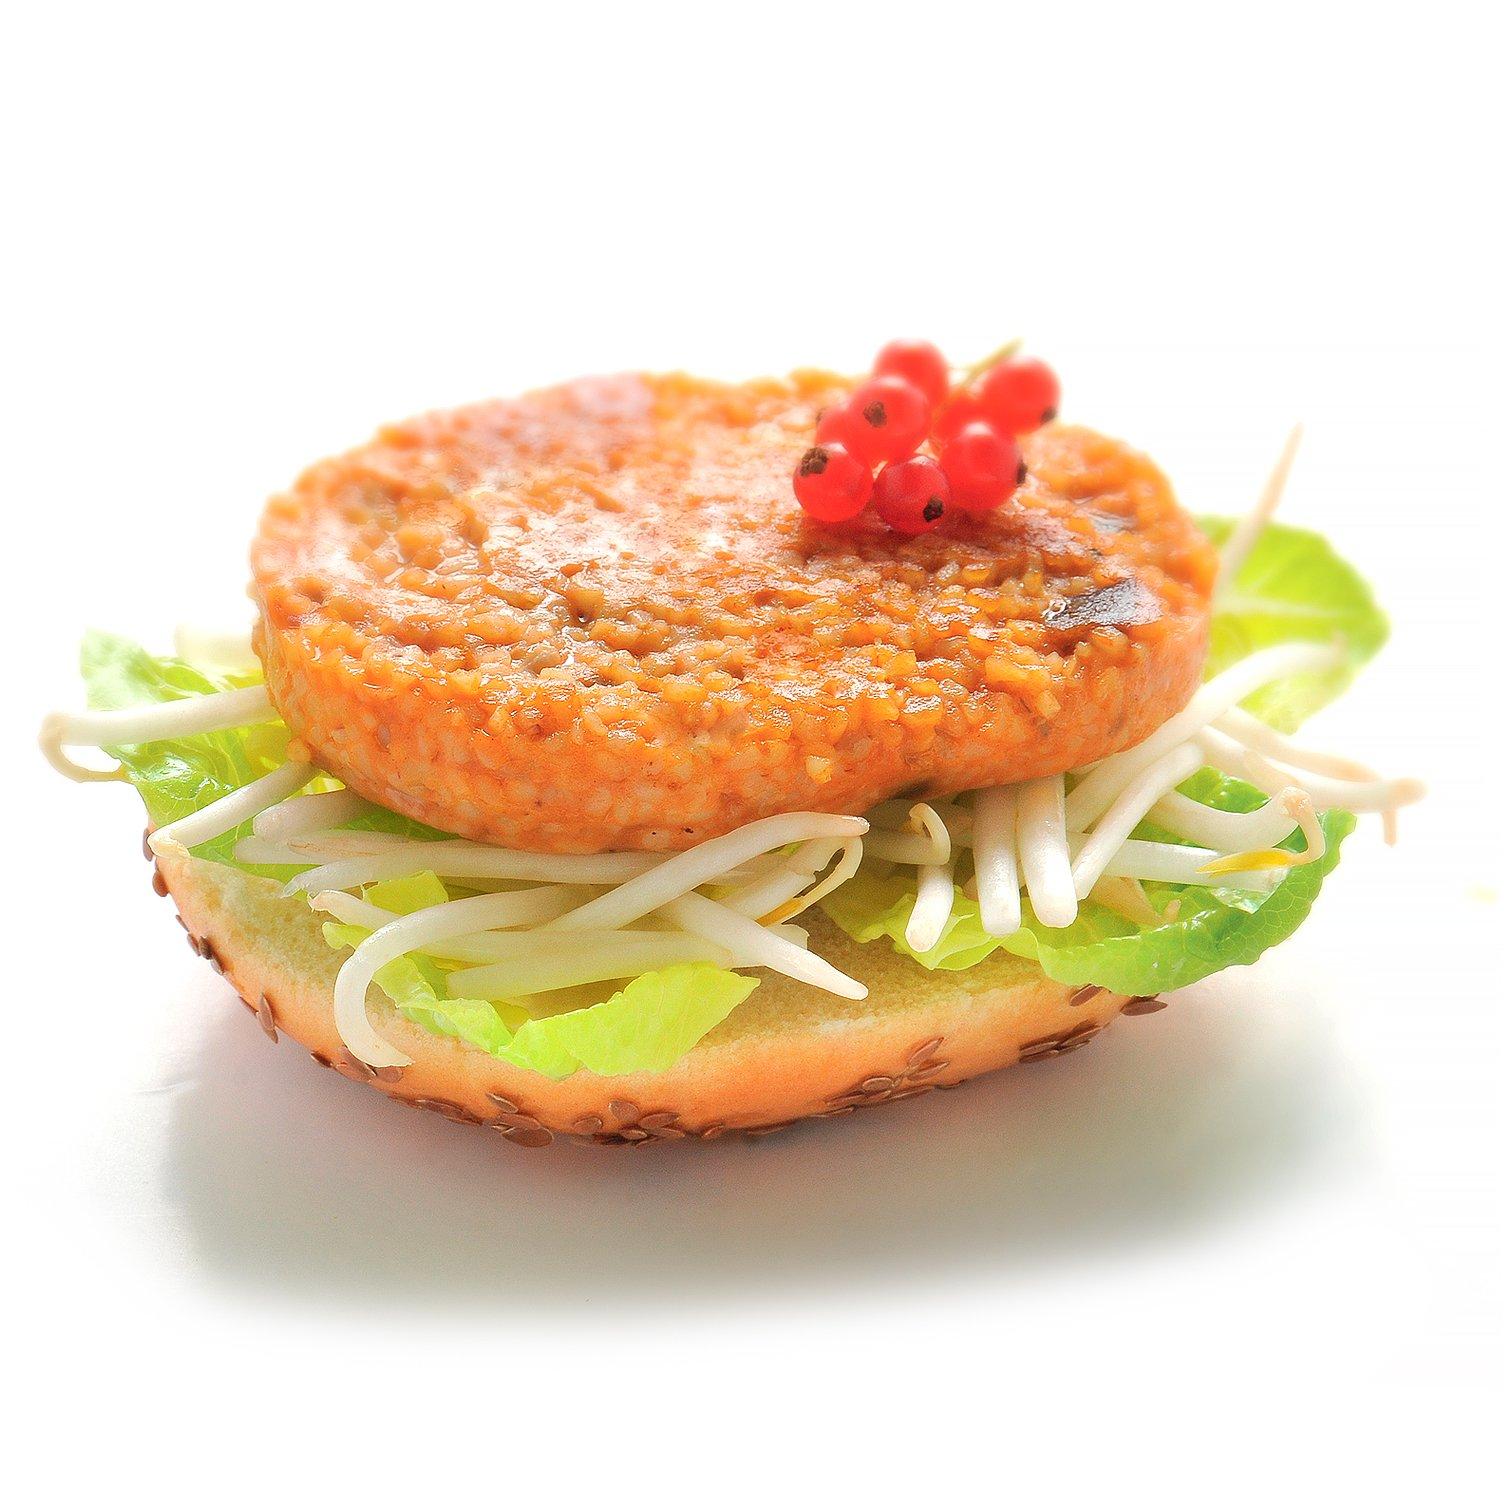 Burger avec galette végétale au boulgour parmesan et aubergines